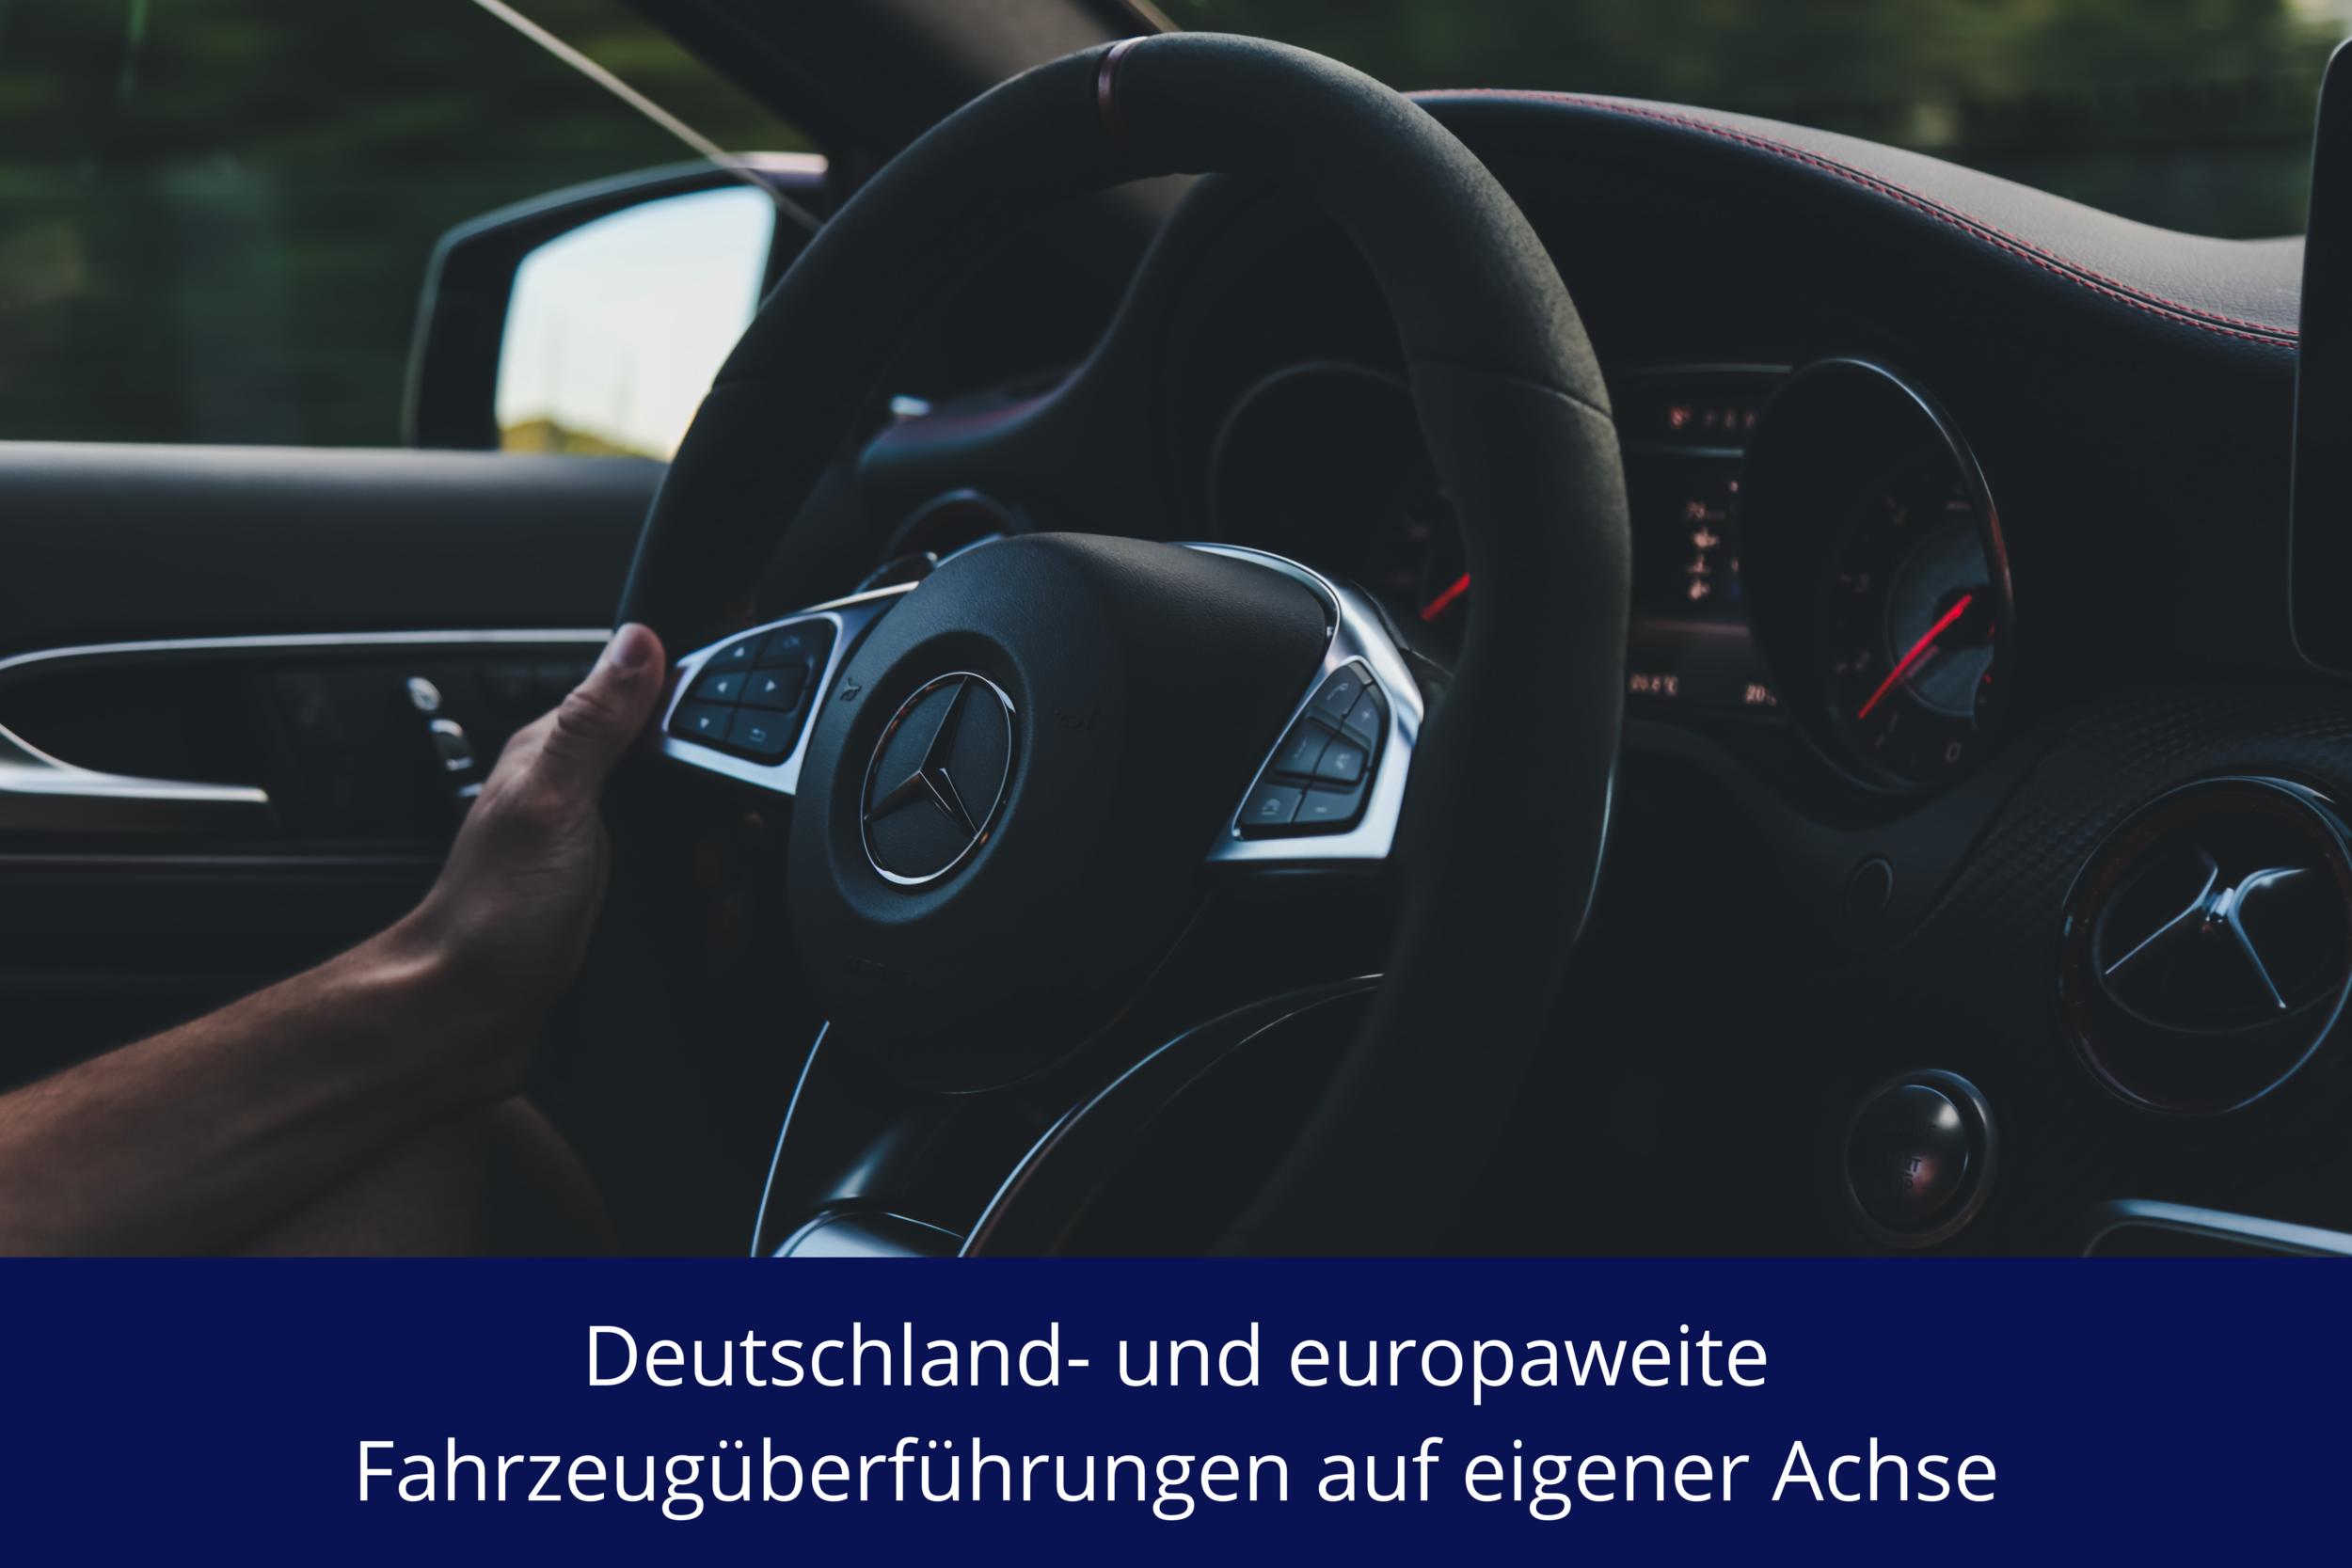 Deutschland- und europaweite Fahrzeugüberführungen auf eigener Achse..png